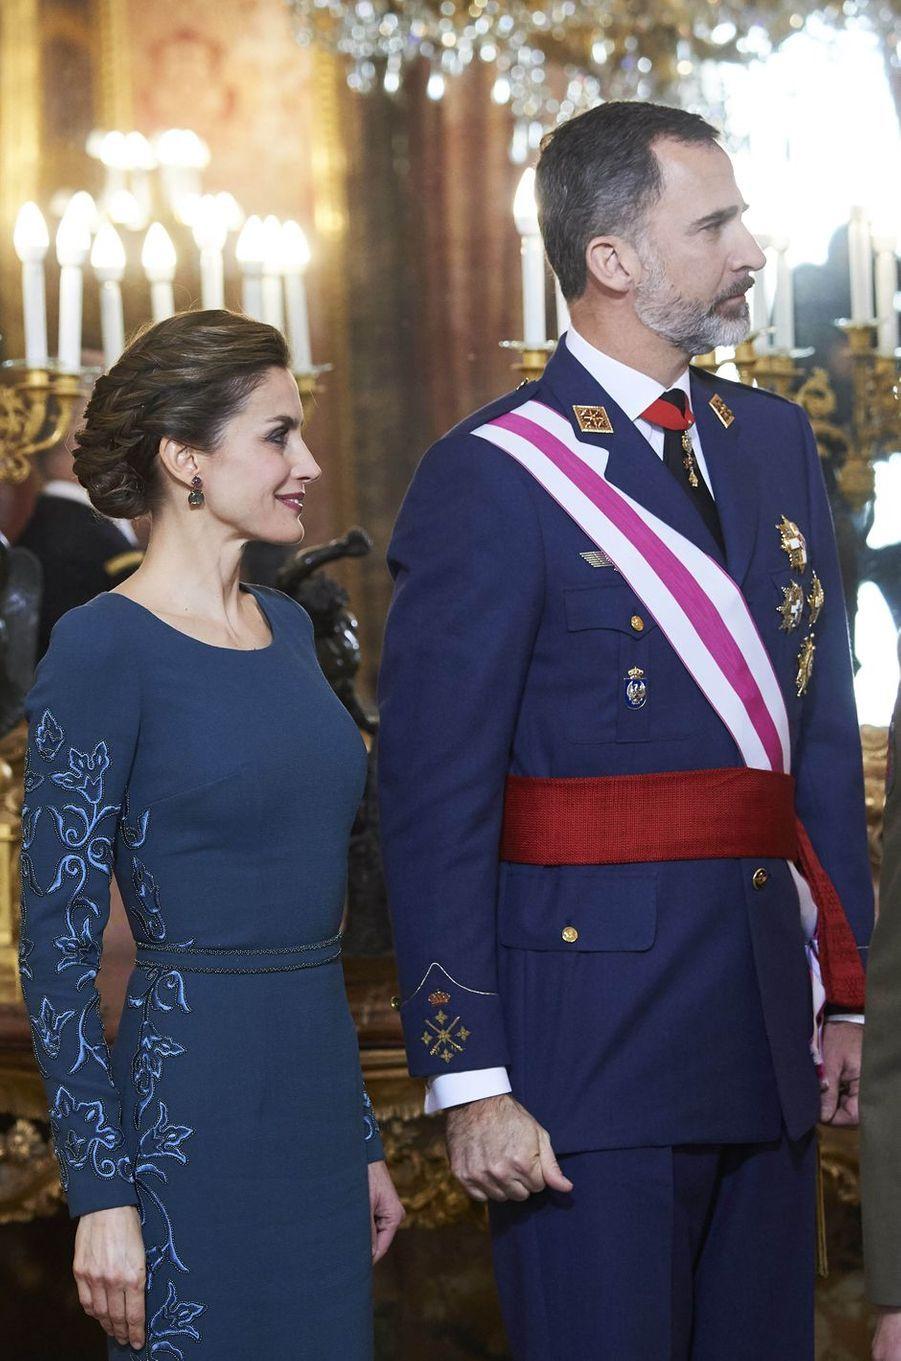 Letizia Felipe VI Espagne Paque Militaire Madrid 6 Janv 2016 6